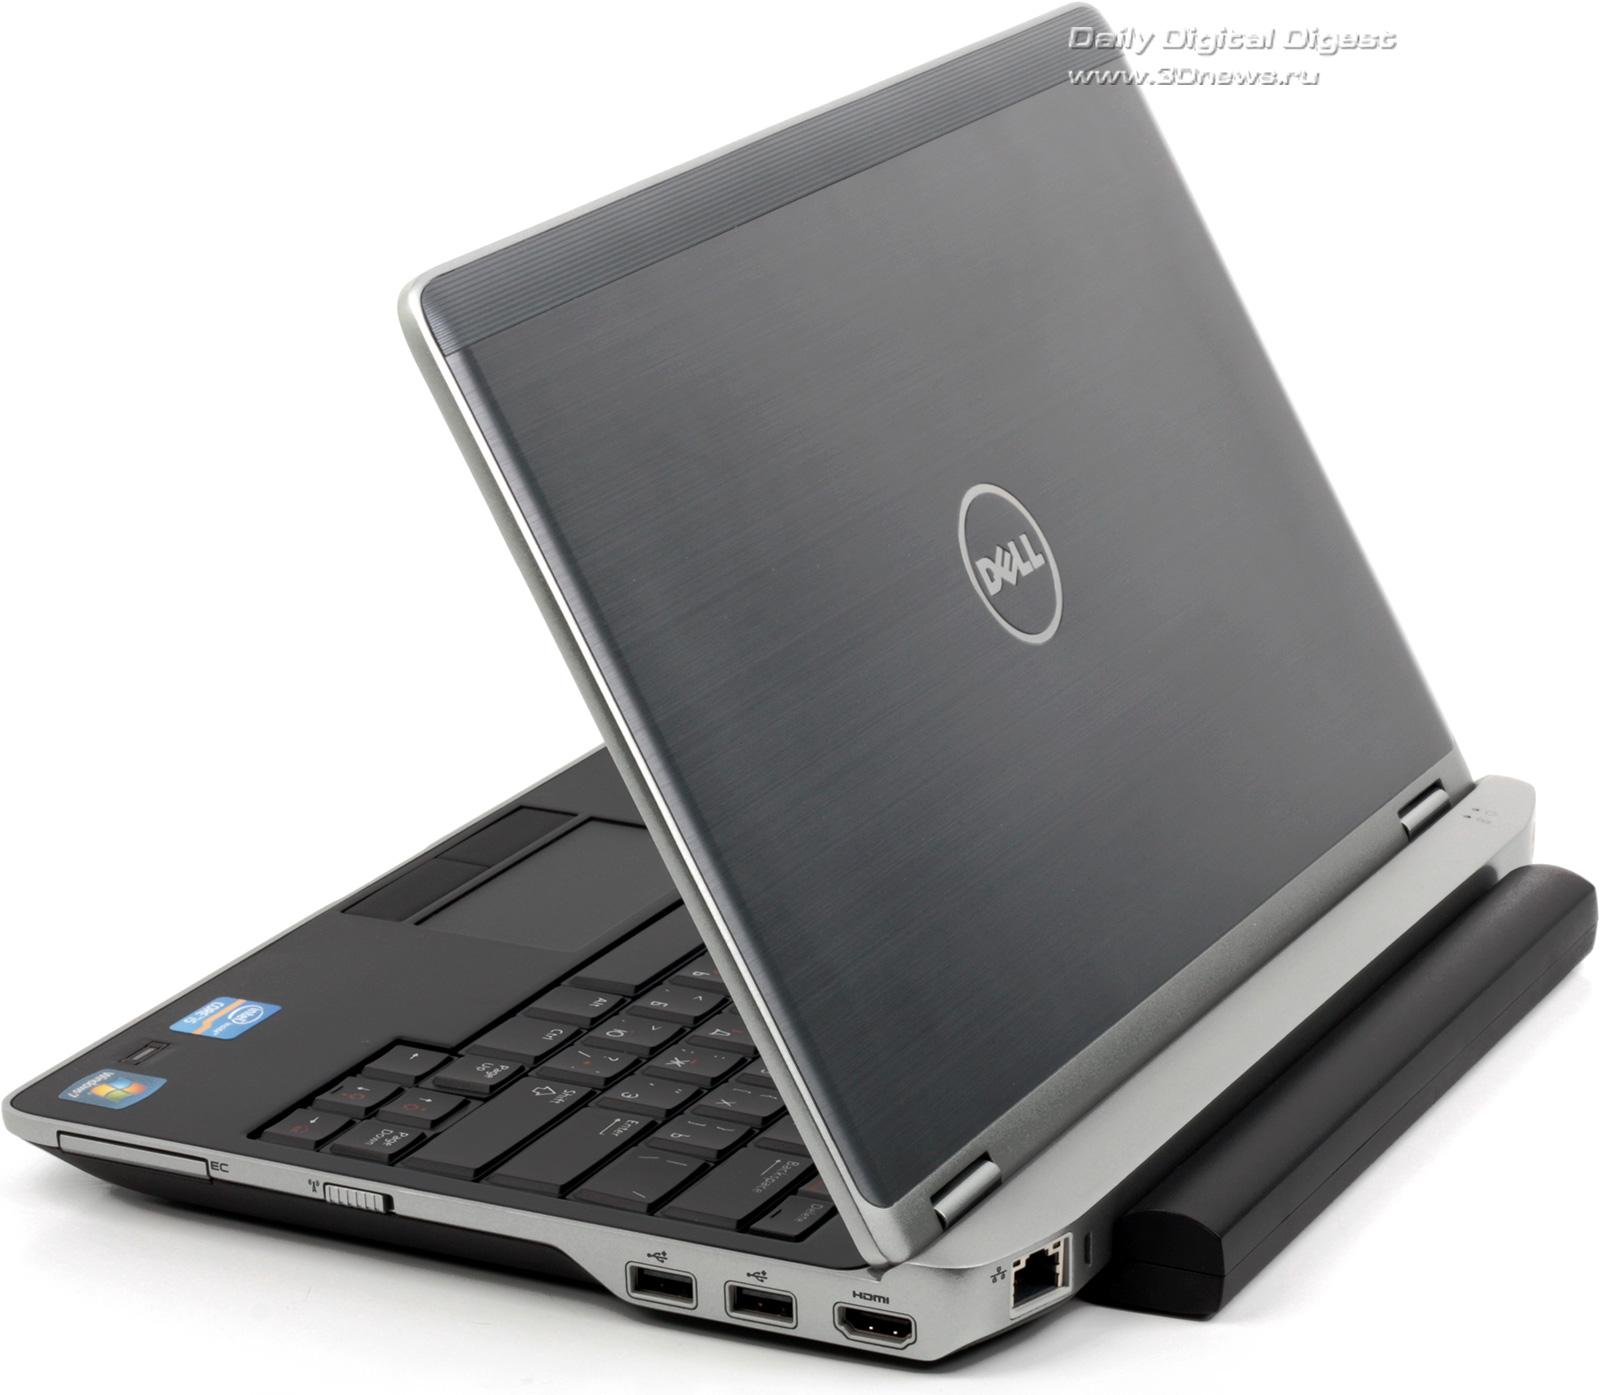 Dell Latitude E6220 Notebook 64 Bit